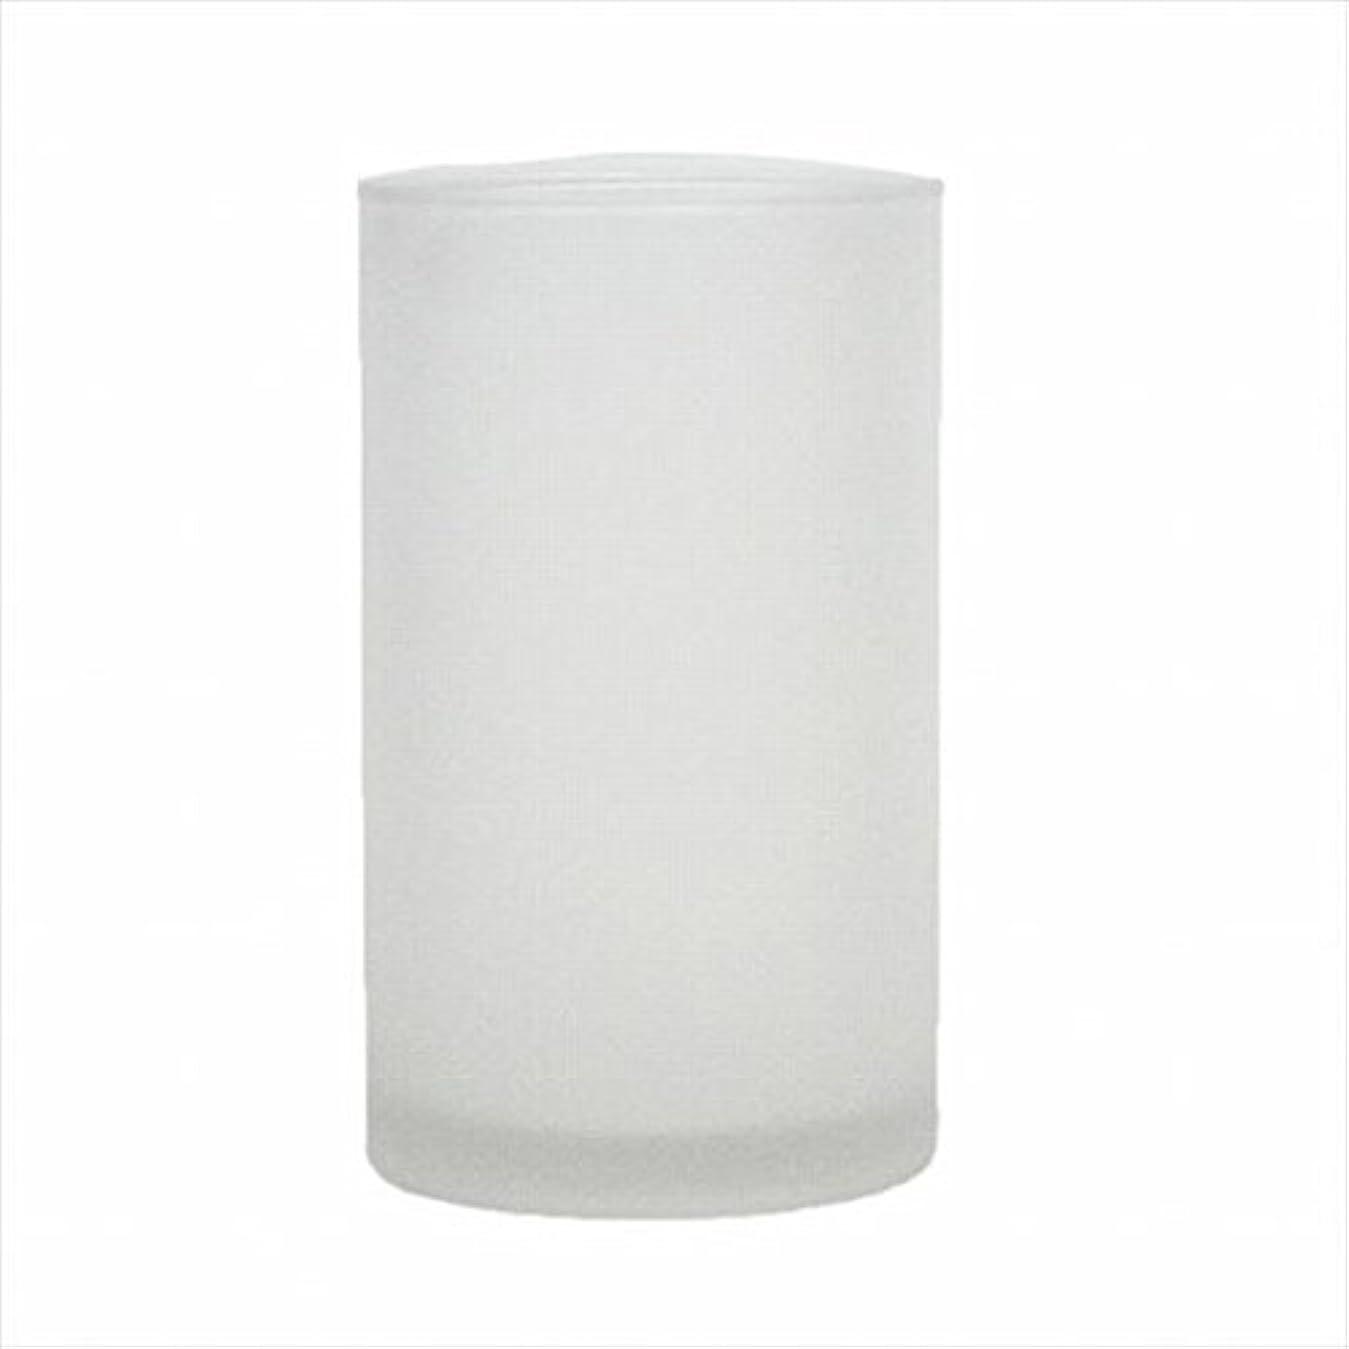 オートマトン飢えたブレーキカメヤマキャンドル(kameyama candle) モルカグラスSフロスト